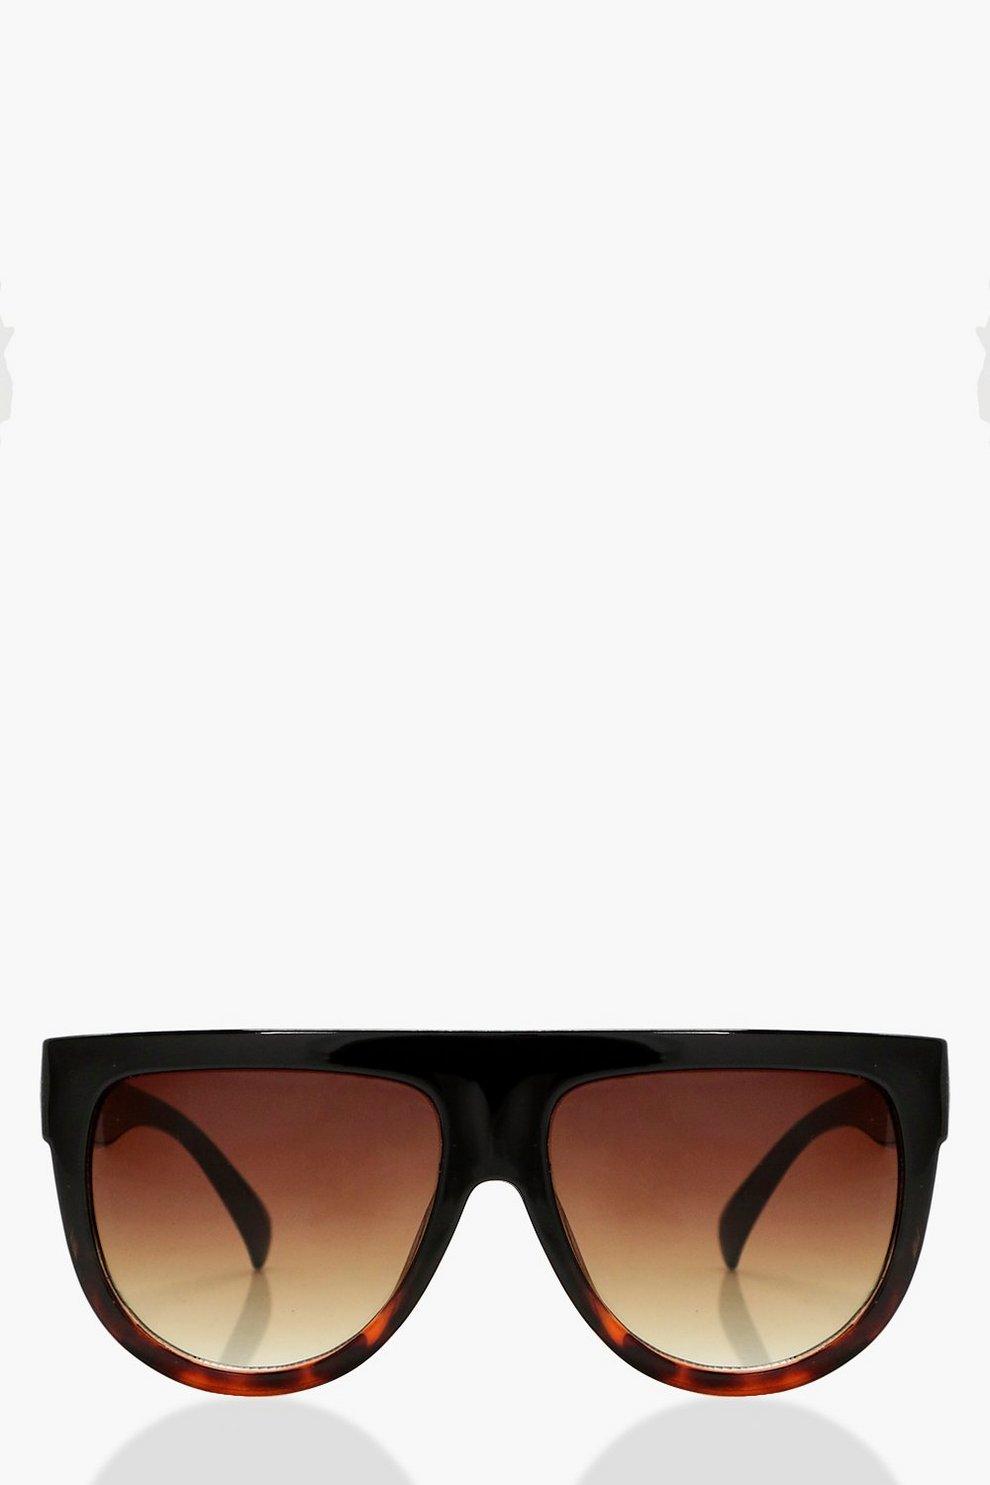 2307f2a972 Lea Flat Top Tortoiseshell Oversized Sunglasses